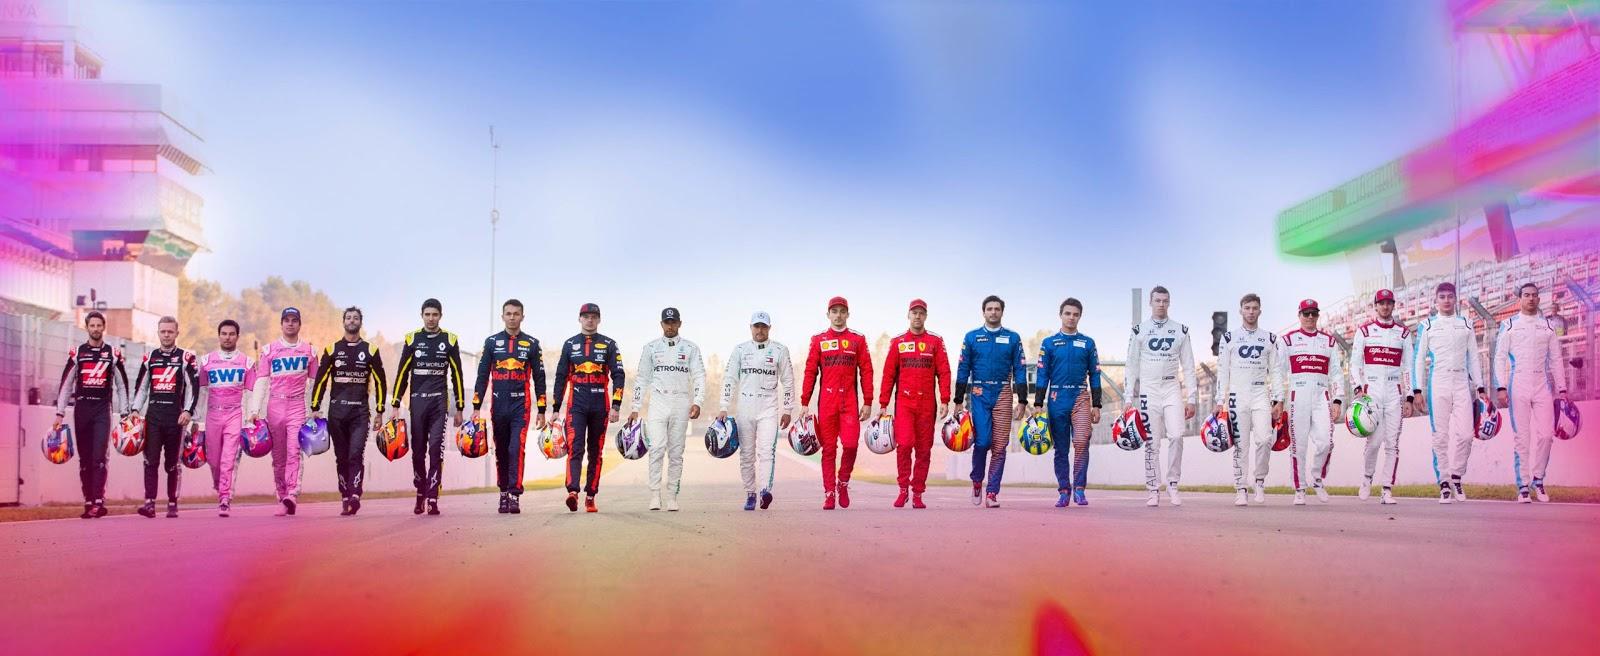 [Video] Inizia il Mondiale 2020 di Formula 1 | Sigla ufficiale